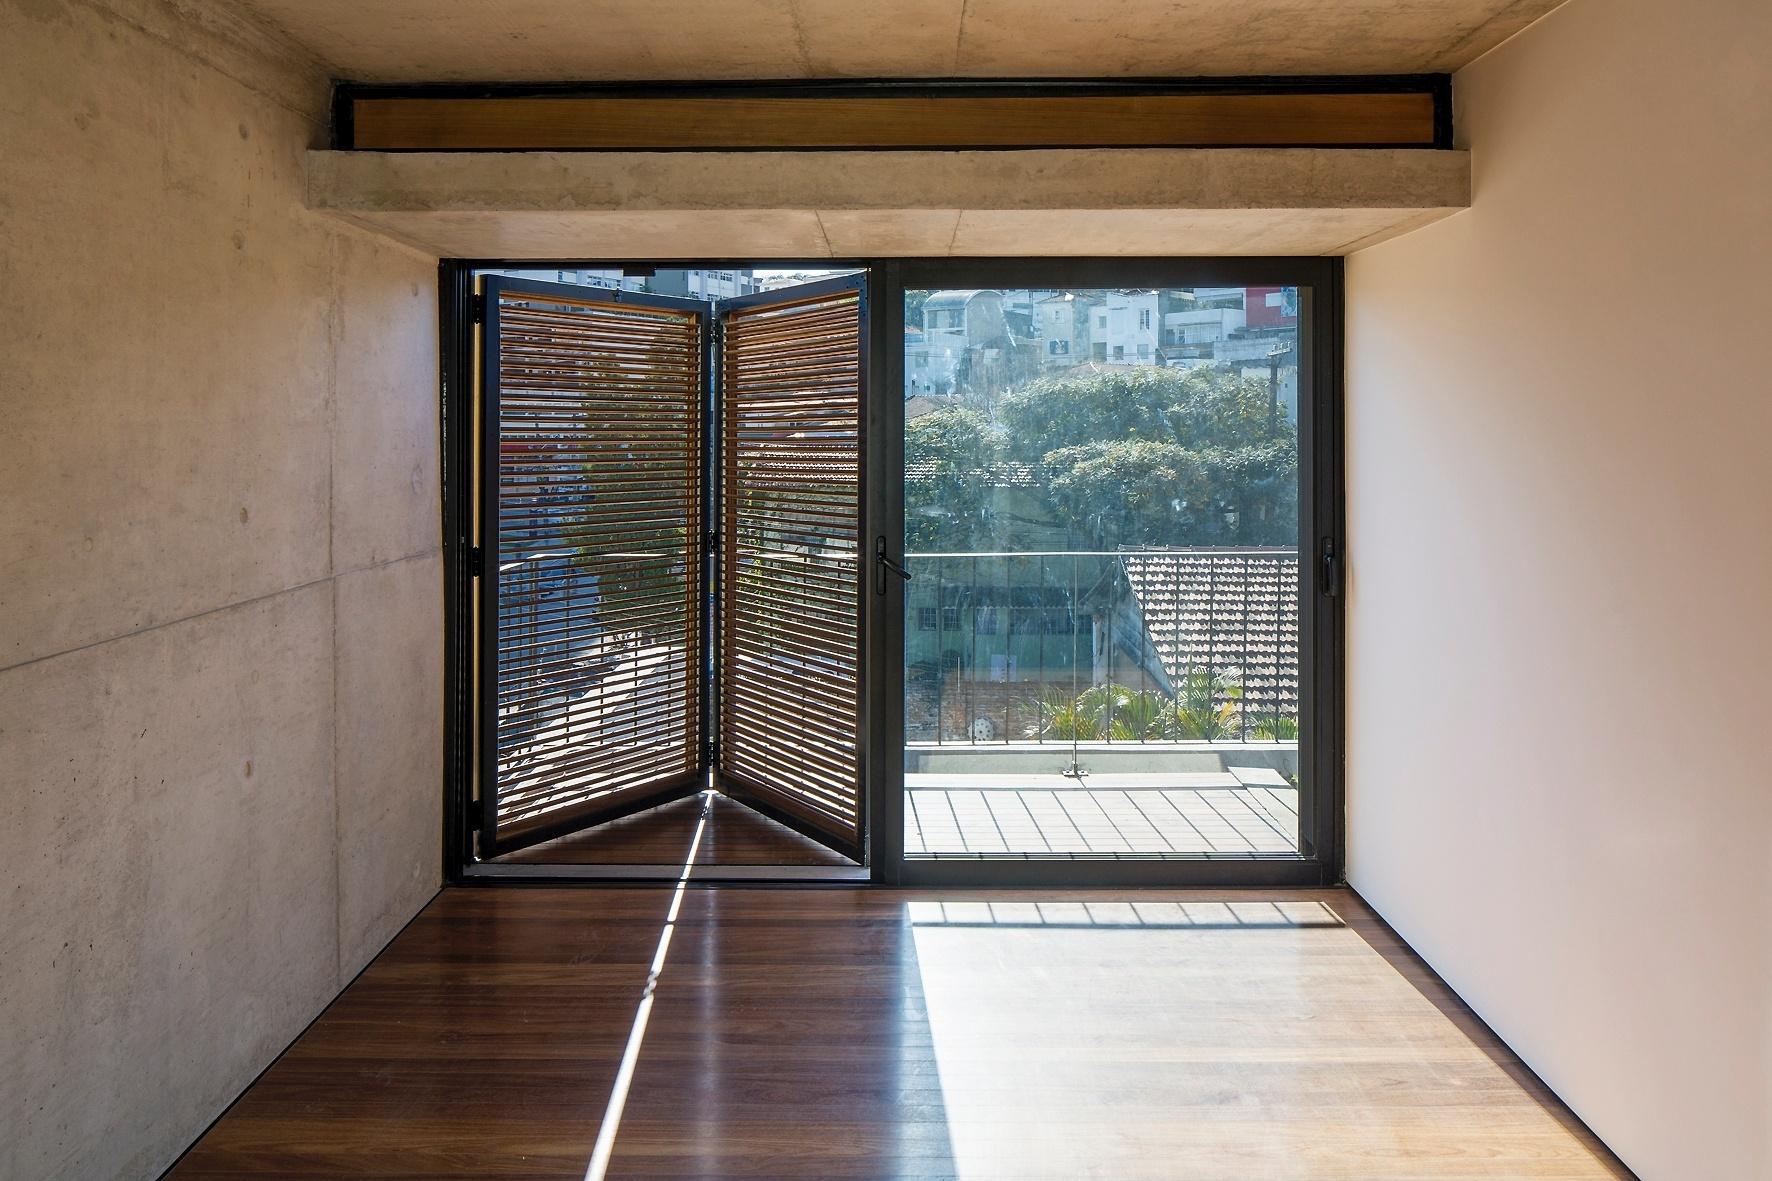 No segundo andar, o espaço do dormitório se abre para um terraço e recebe ventilação cruzada à partir da abertura basculante na parte superior da laje. A veneziana em madeira controla a luminosidade natural dos cômodos do Vila Aspicuelta, condomínio pequeno projetado pelo escritório Tacoa Arquitetos, em São Paulo